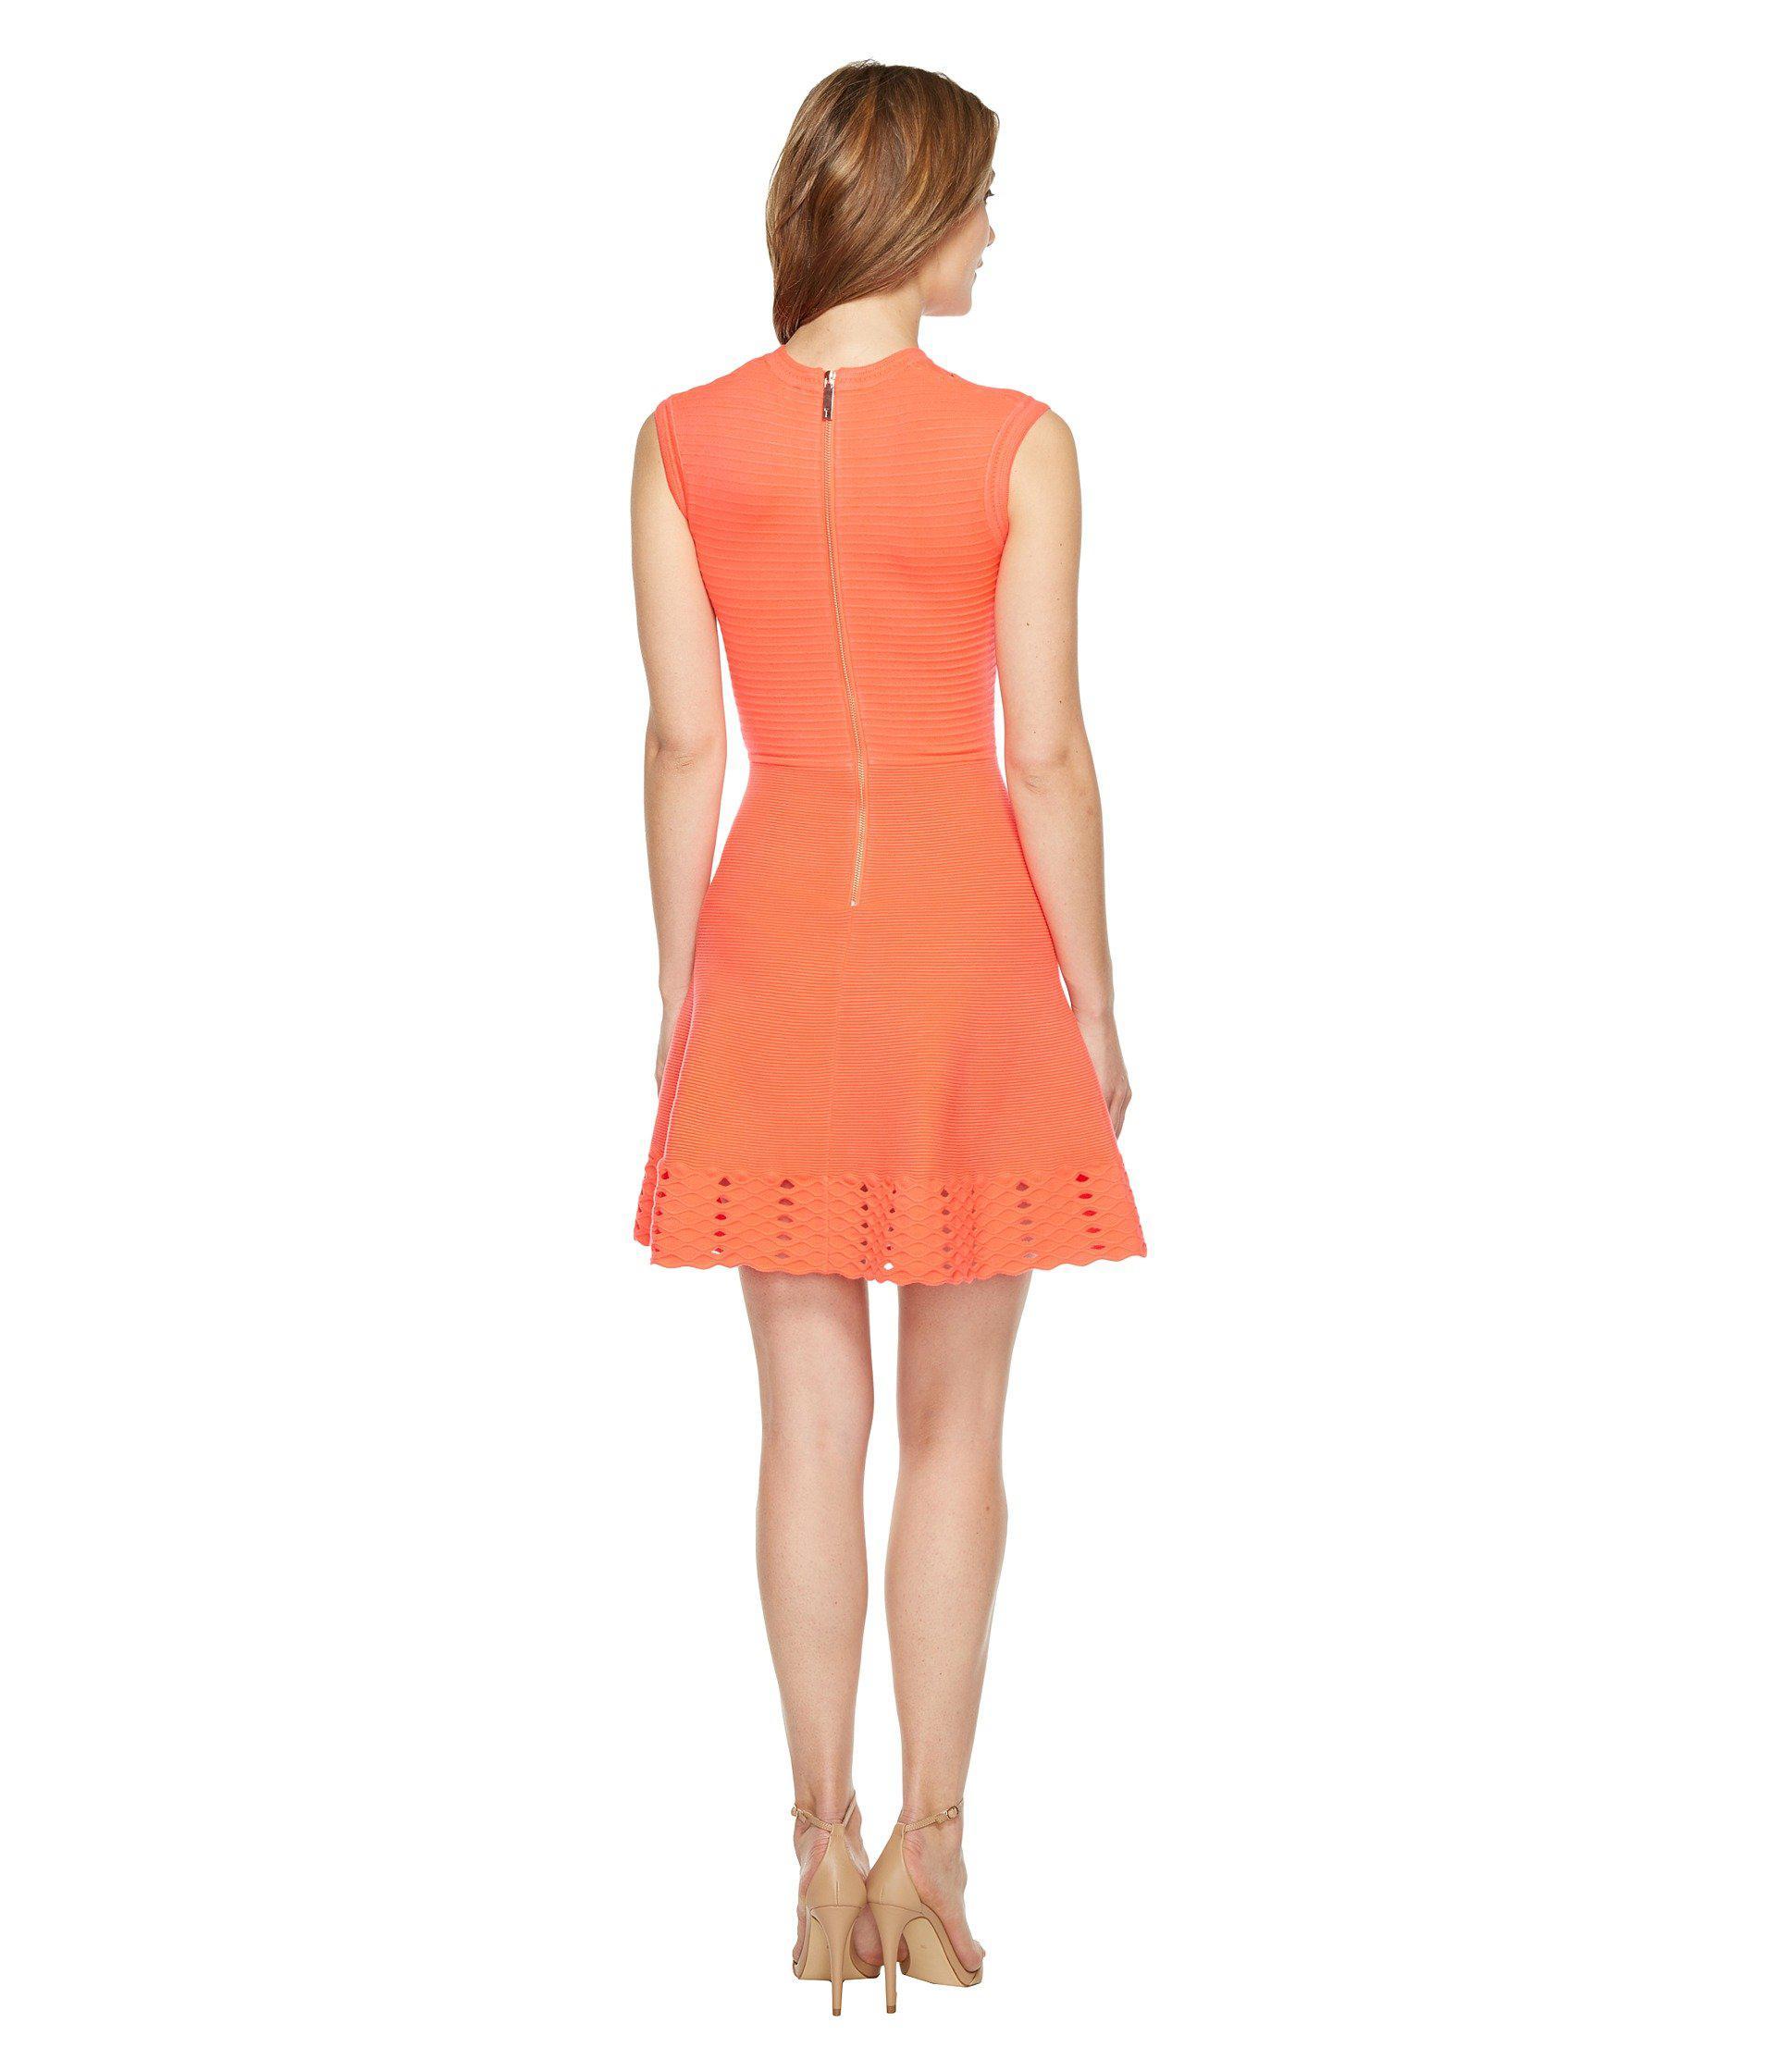 3f8c96cfc662 Lyst - Ted Baker Zaralie Jacquard Panel Skater Dress in Orange